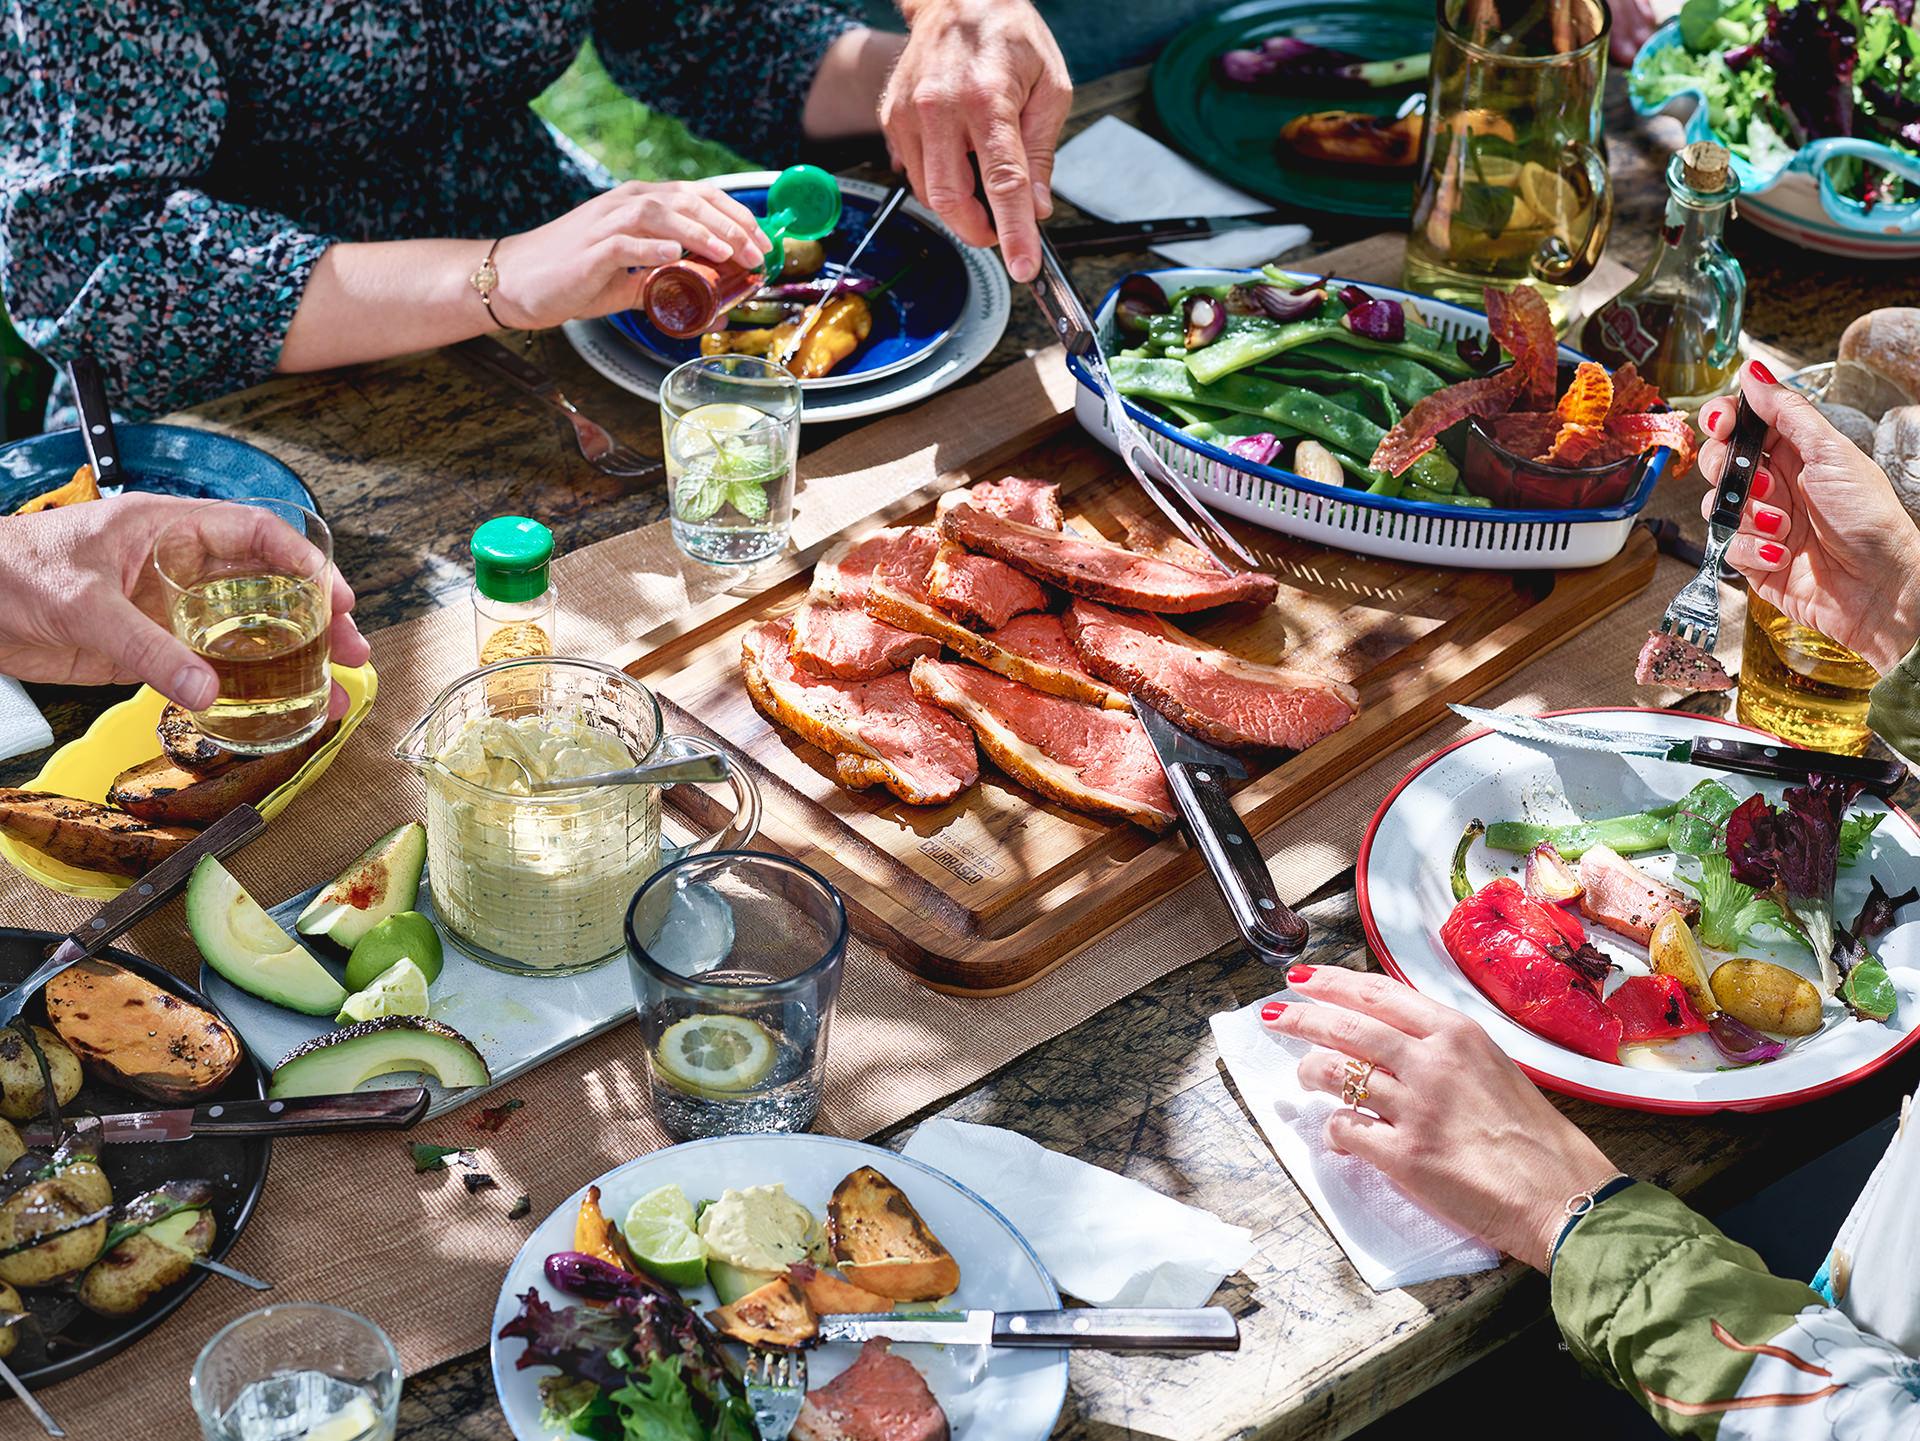 grillen-tisch-food-steak-tramontina